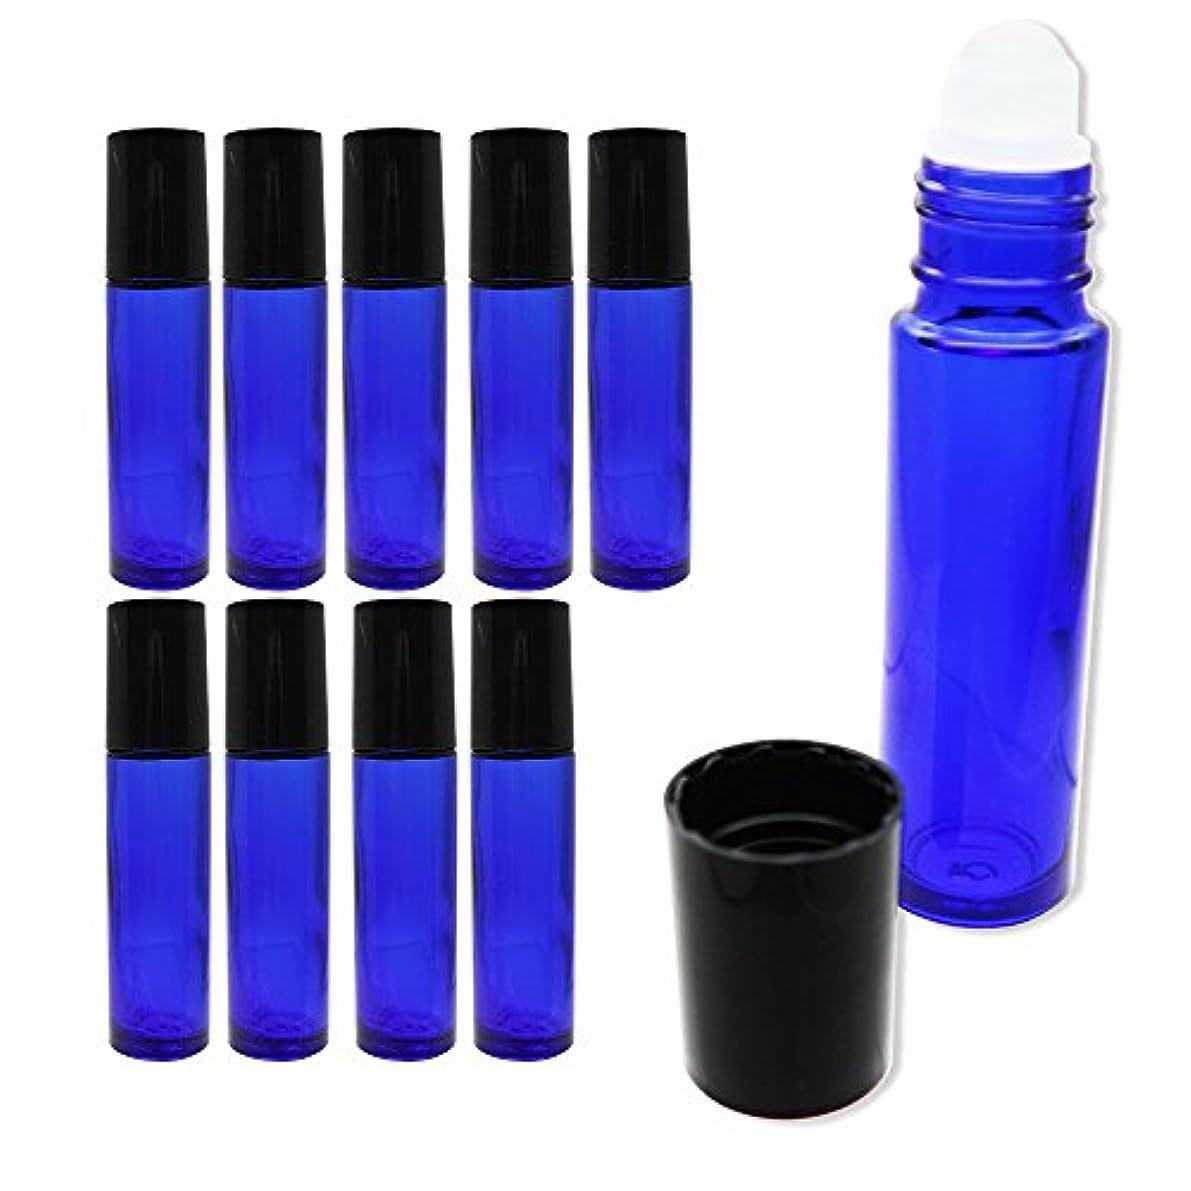 キャッチフランクワースリー【yanyan0207】 ロールオン ボトル 10本 セット ガラス製 オイル ローション 香水 アロマ (ブルー)